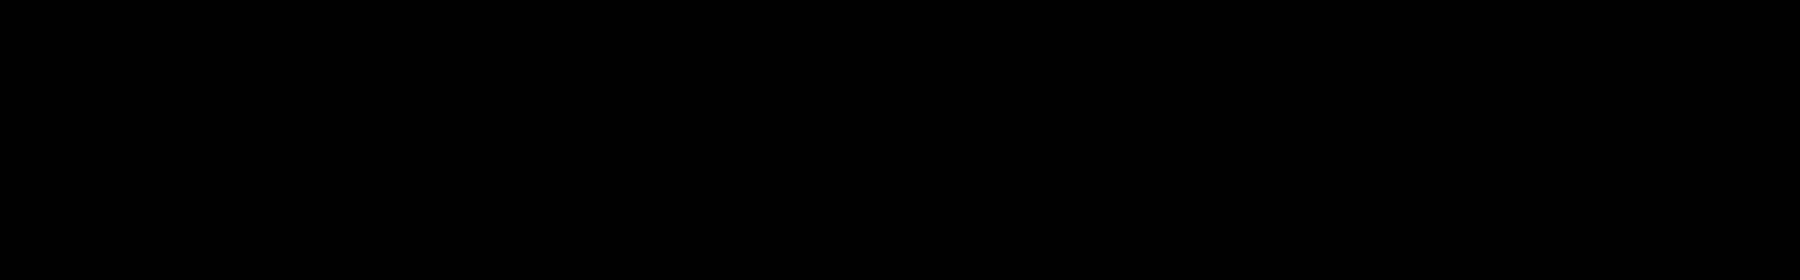 Retrotronica audio waveform